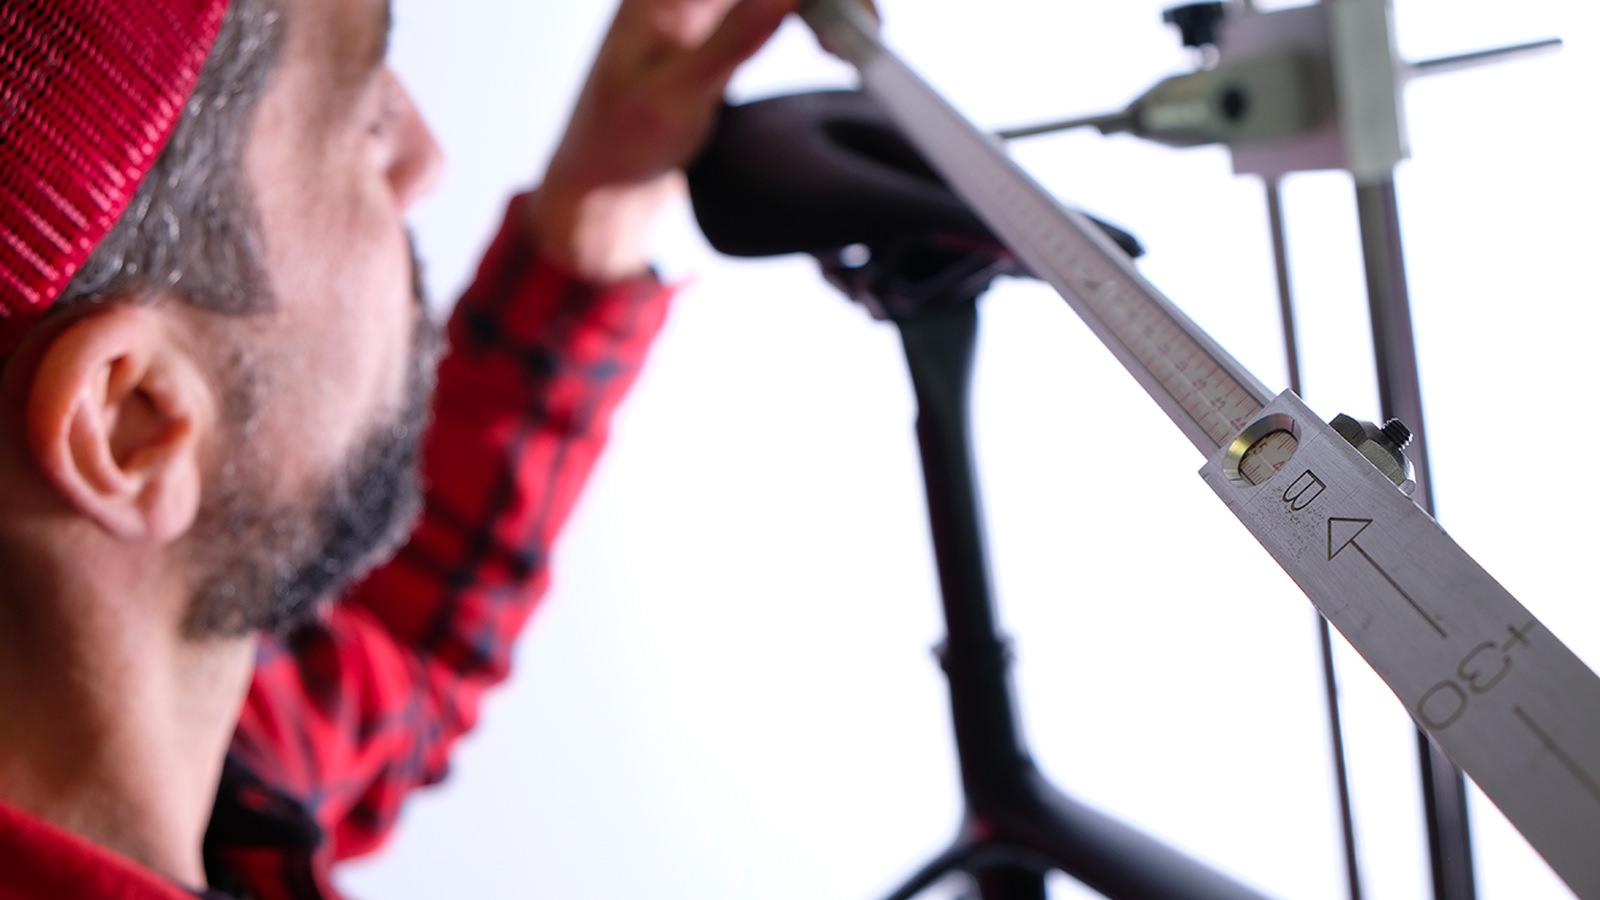 Posizionamento Biomeccanico - Test Biomeccanico Ciclismo Sessantallora